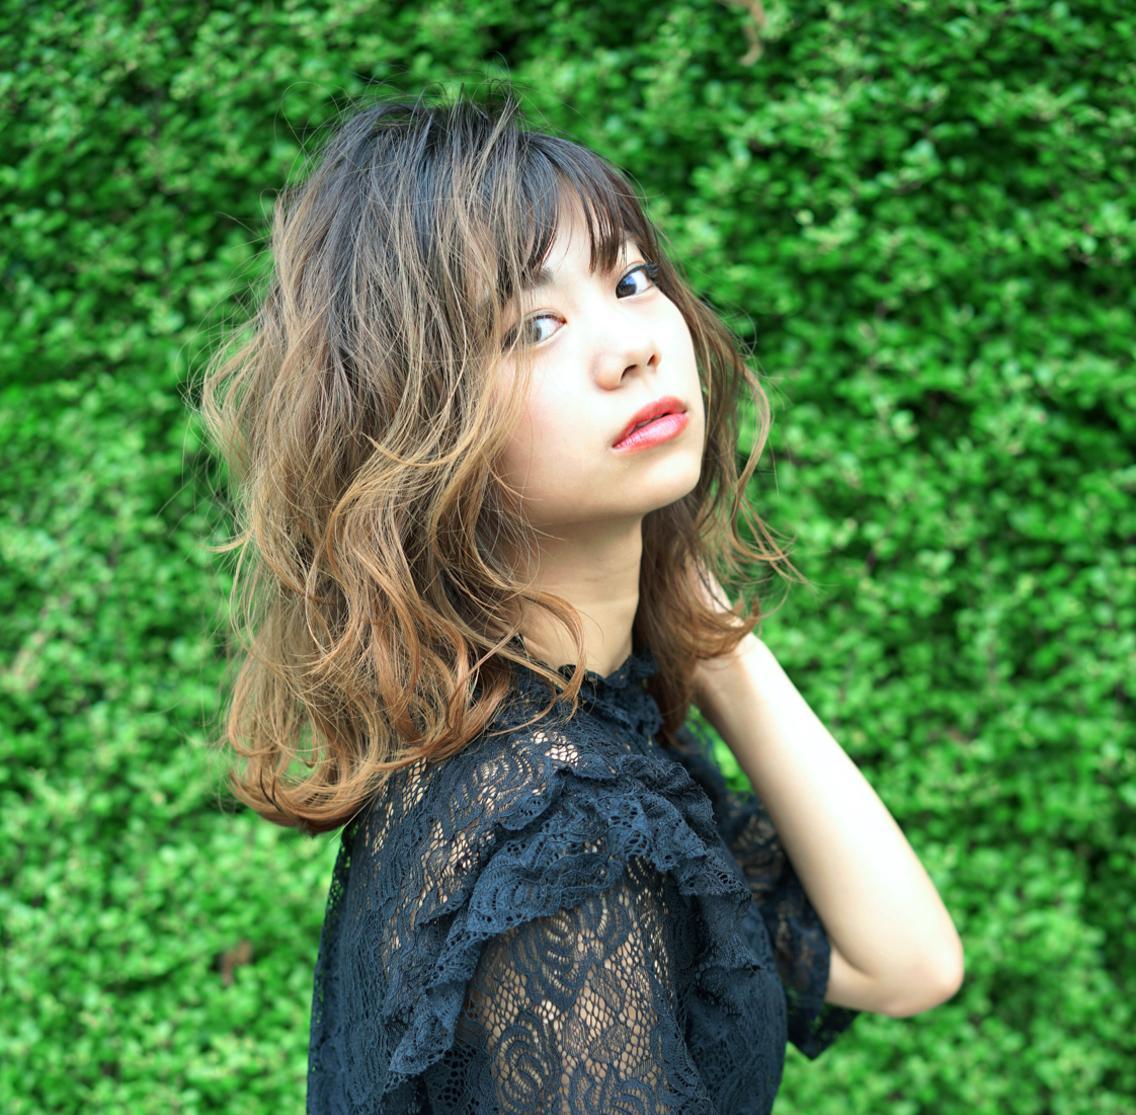 高松市の隠れ家サロン『 NUM 』✂️✂️✂️     外国人風カラーも洗練された技術で旬なヘアスタイルをお届け✨✨  お得なクーポンもありますよ